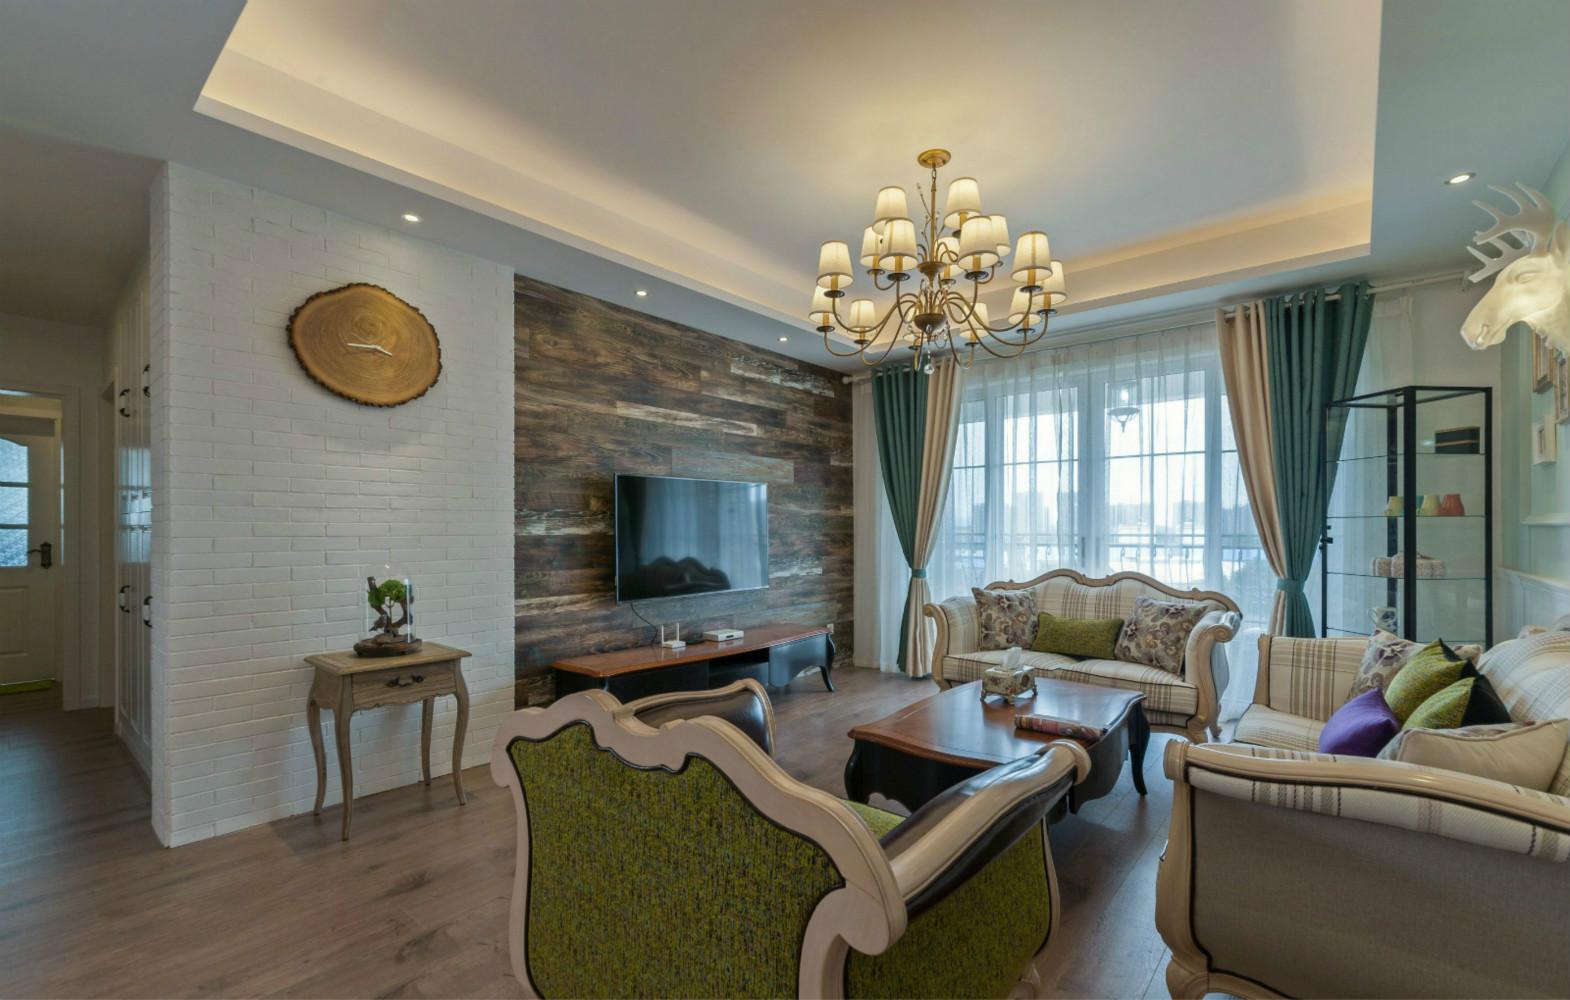 客厅的颜色设计上偏重一些与其他空间下相比,但丝毫不影响它的美感。